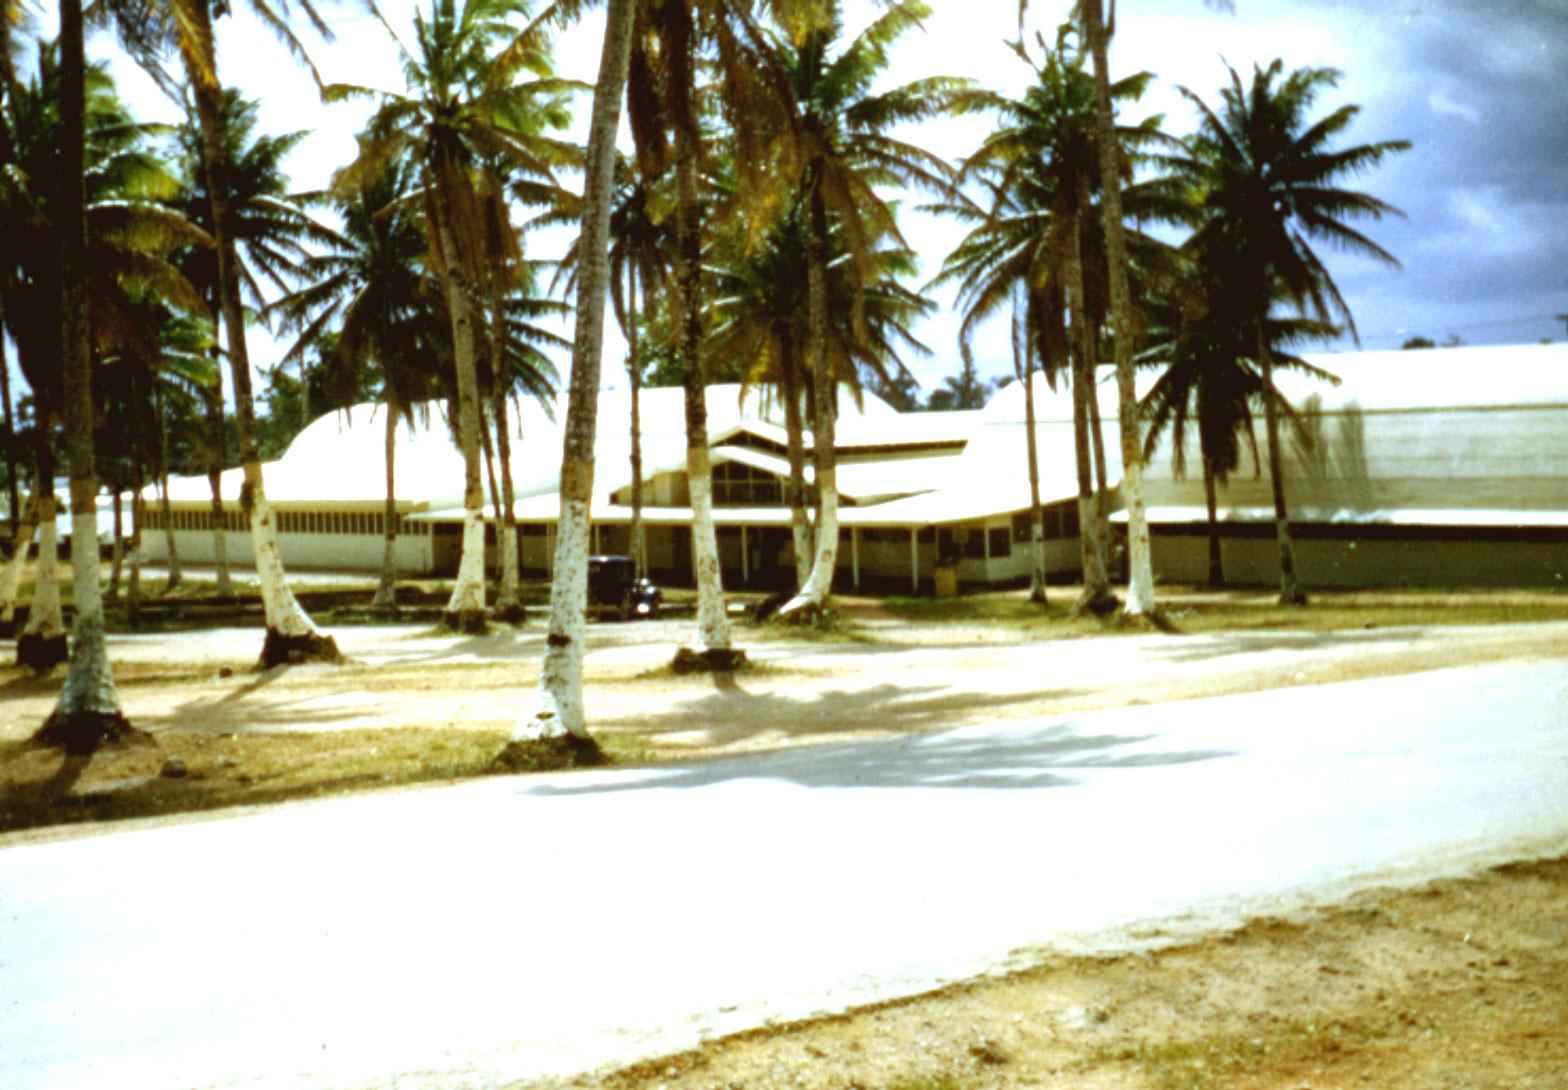 Ncs Guam Circa 1953 1955 Photos Courtesy Of Bob Breed